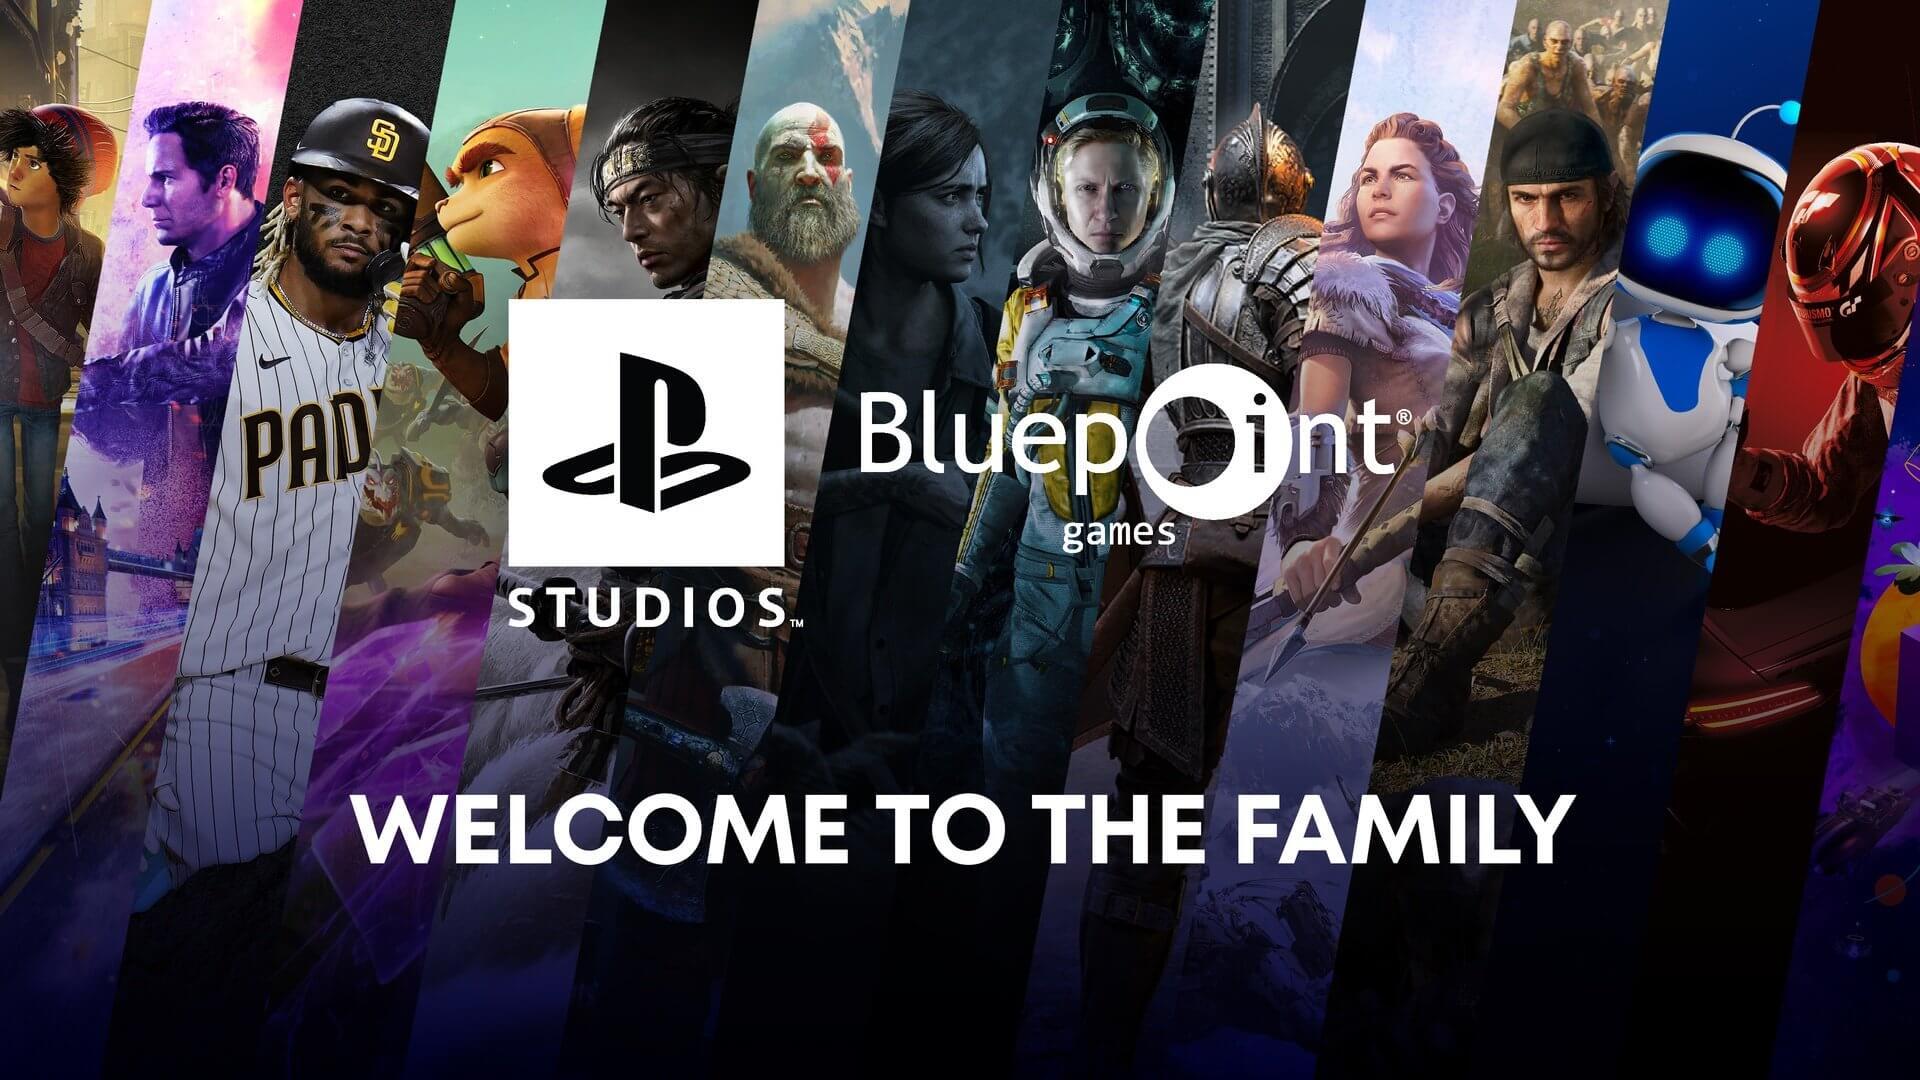 PlayStation Japón anuncia por error la compra de Bluepoint Games